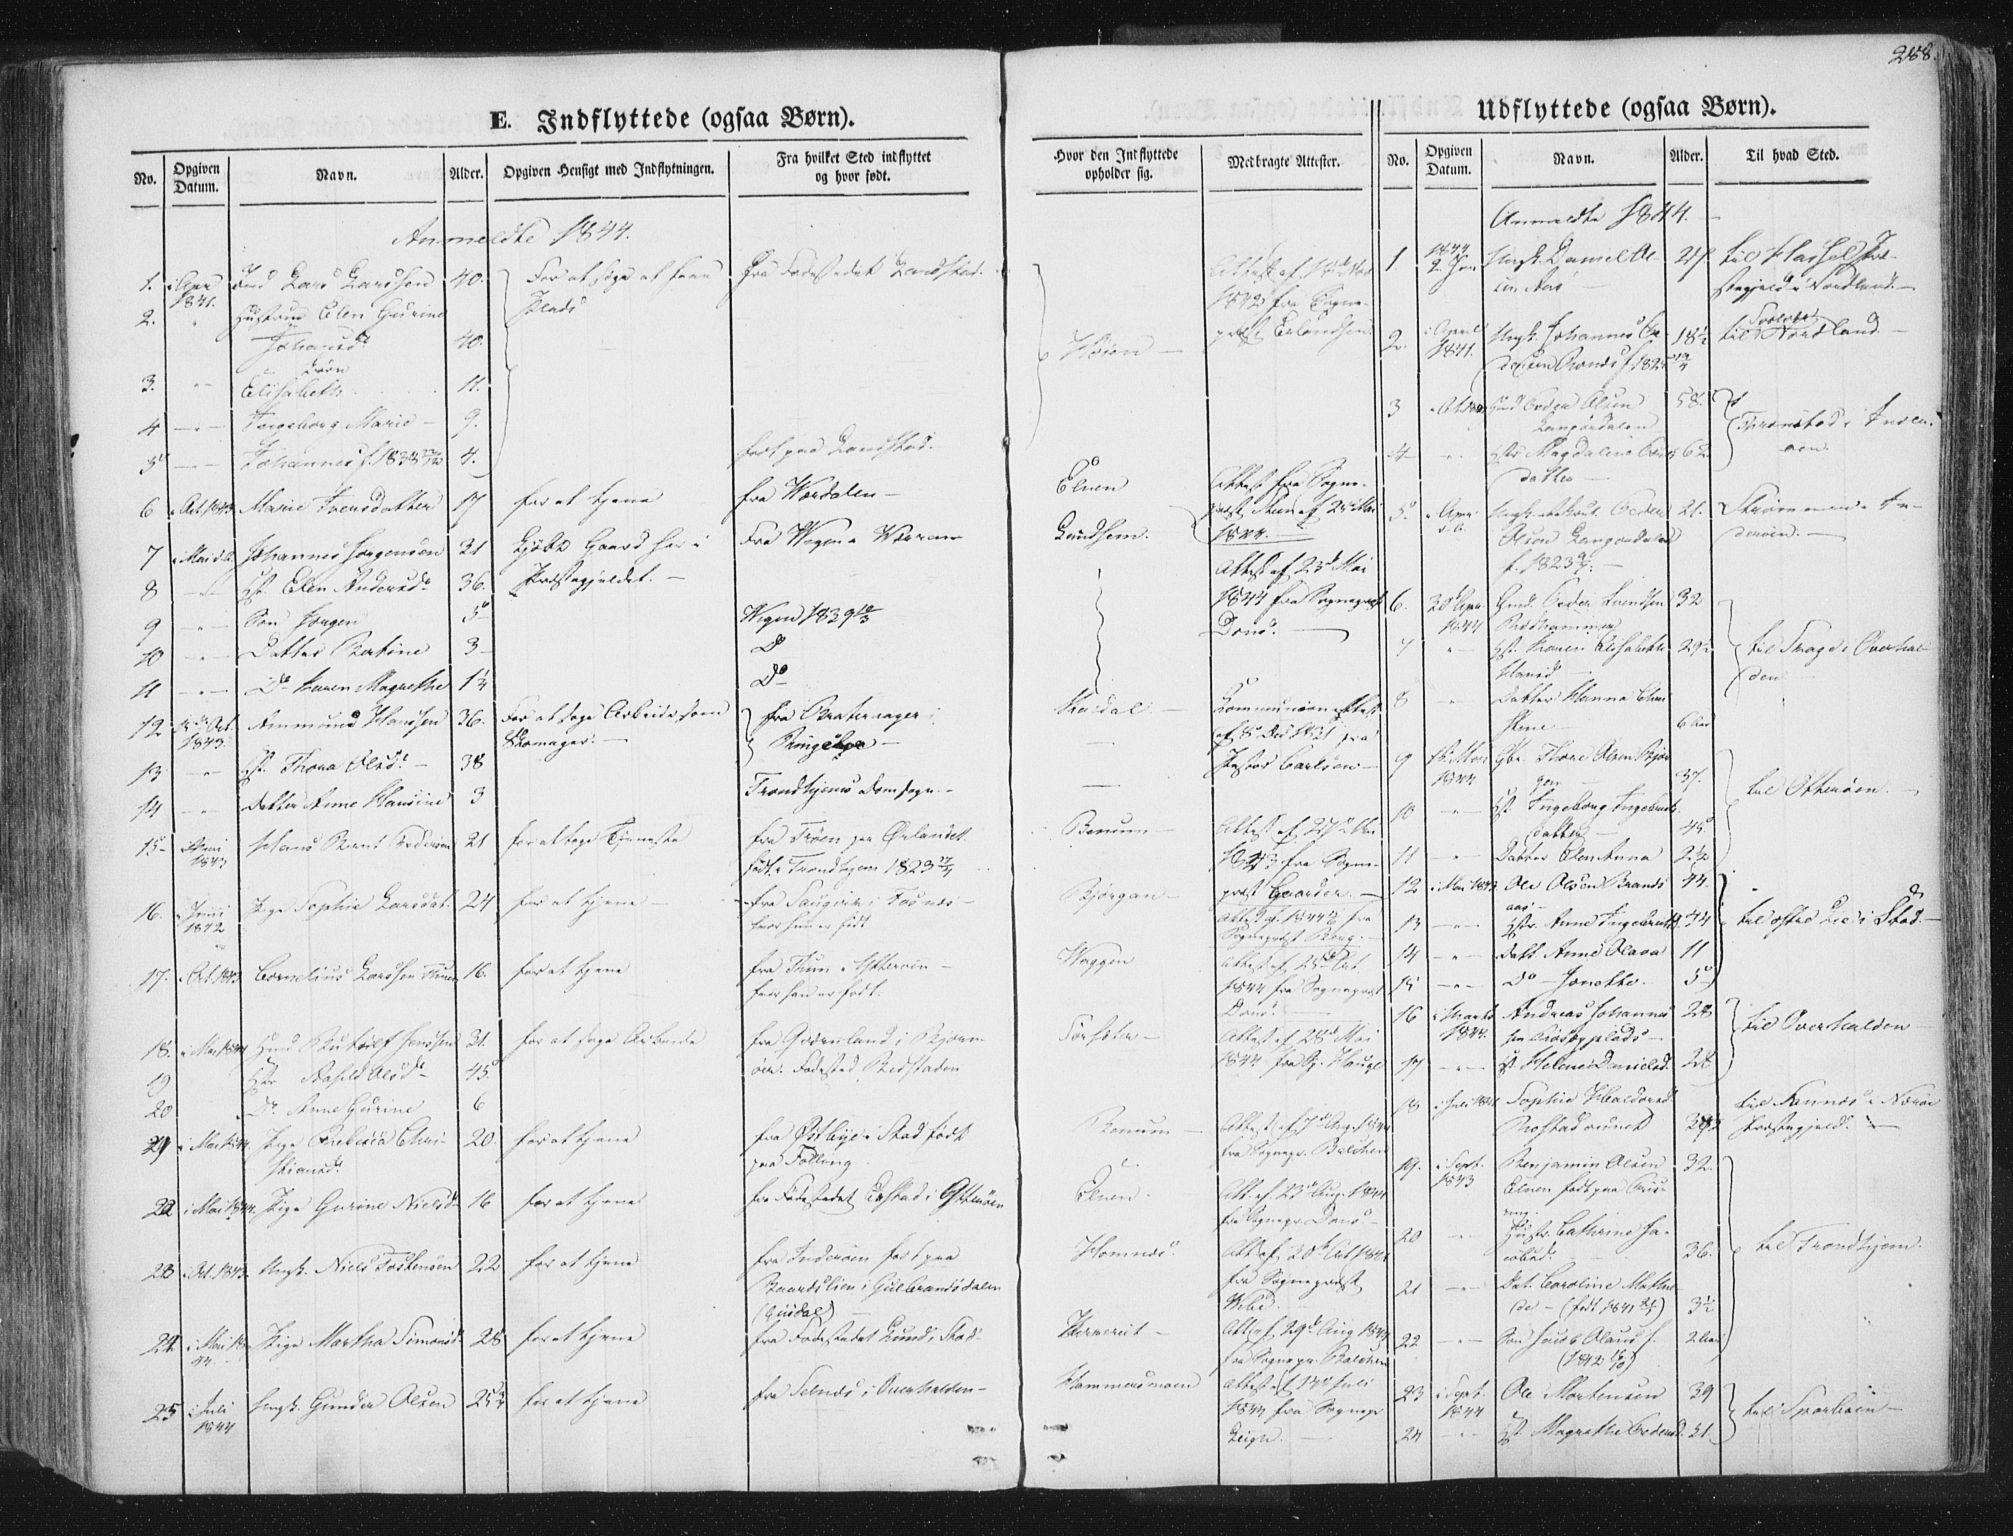 SAT, Ministerialprotokoller, klokkerbøker og fødselsregistre - Nord-Trøndelag, 741/L0392: Ministerialbok nr. 741A06, 1836-1848, s. 288